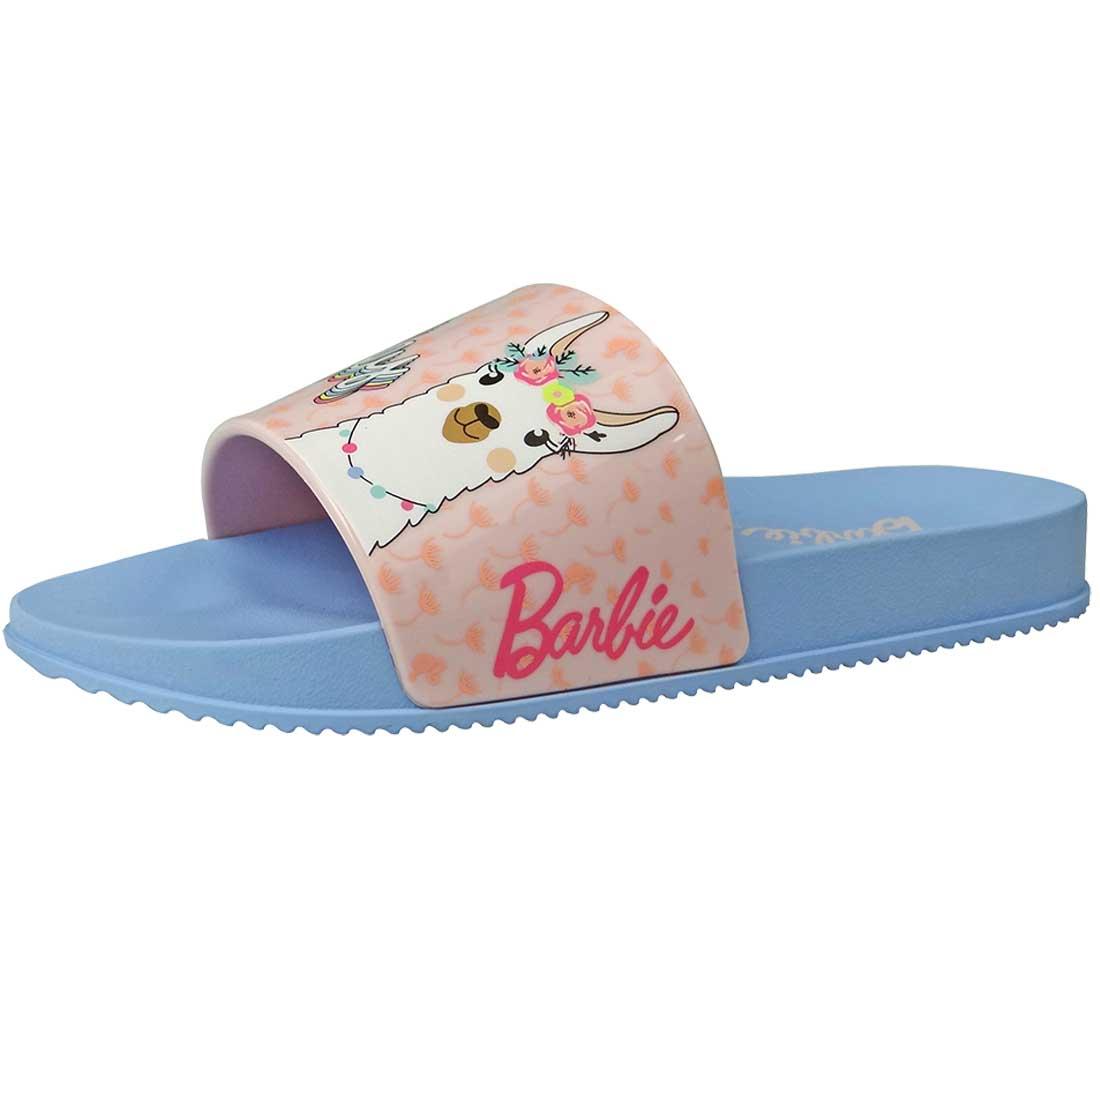 Chinelo Kids Barbie Slide Lhama - Azul e Rosa